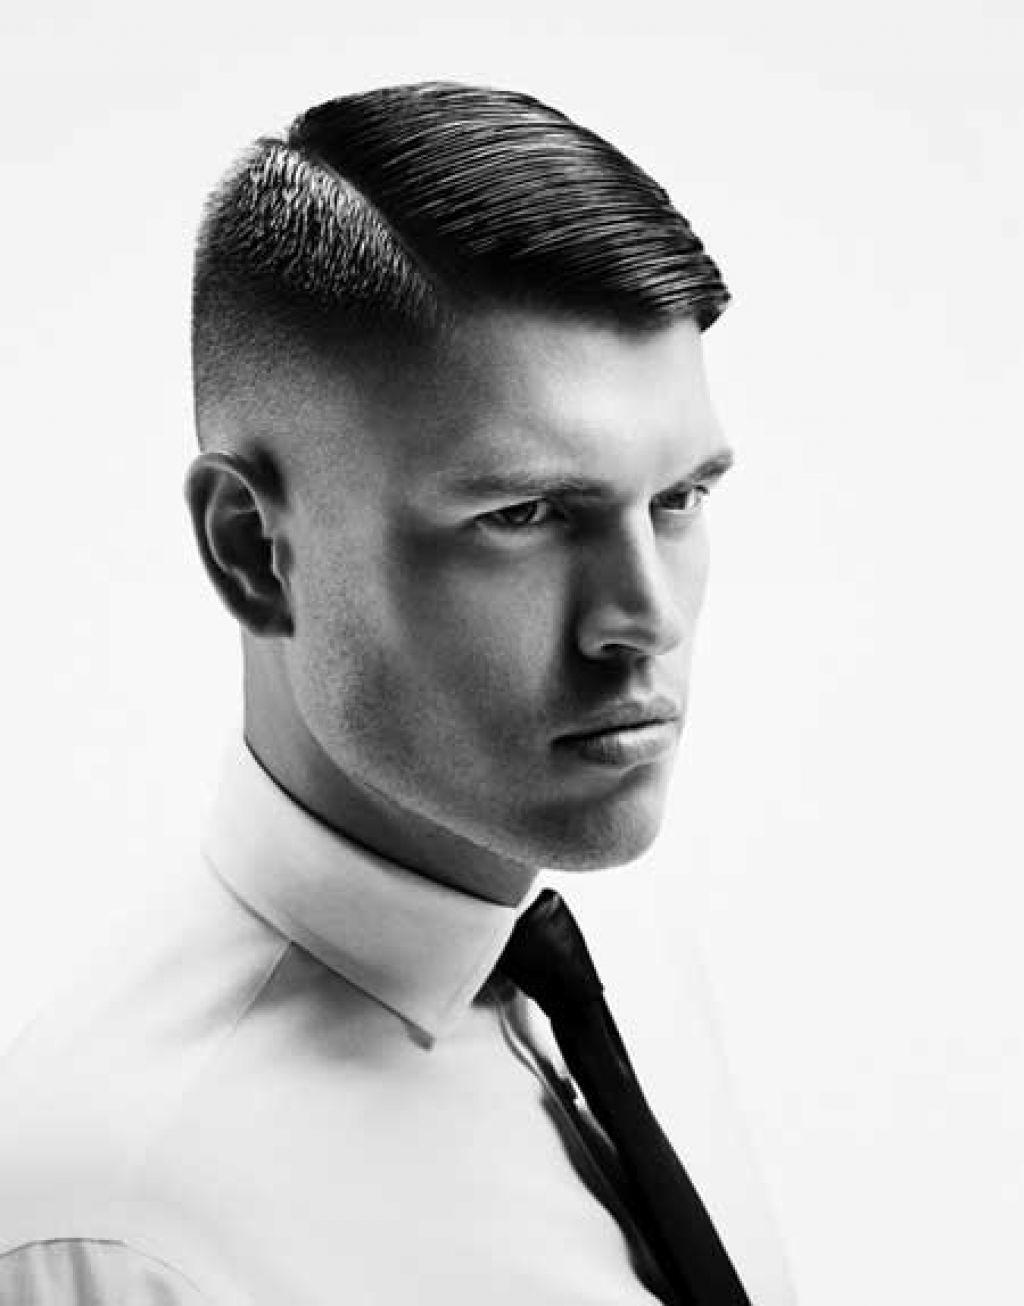 Herren Haarschnitt Seitenscheitel